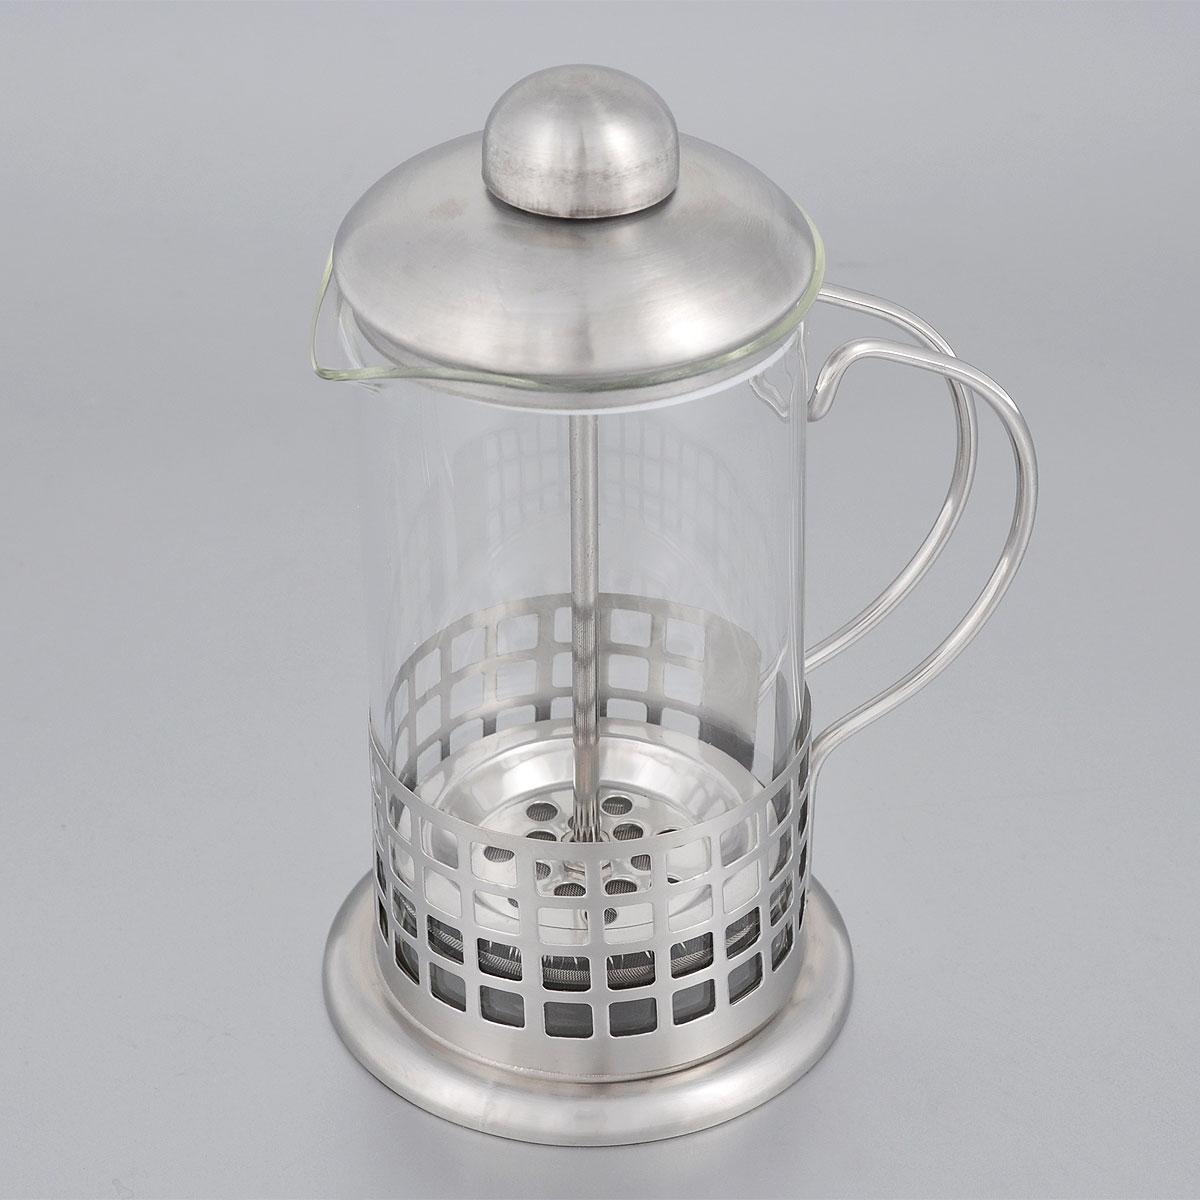 Френч-пресс Bohmann, 350 мл. 9535BH68/5/4Френч-пресс Bohmann выполнен из нержавеющей стали и стекла. Отлично подходит для заваривания любых сортов кофе, без проблем справится с любым помолом кофе. Помимо кофе, во френч-прессе можно заварить чай. Наружная крышка из нержавеющей стали. Подходит для использования в посудомоечной машине.Объем: 350 мл.Диаметр (по верхнему краю): 7,5 смВысота: 18 см